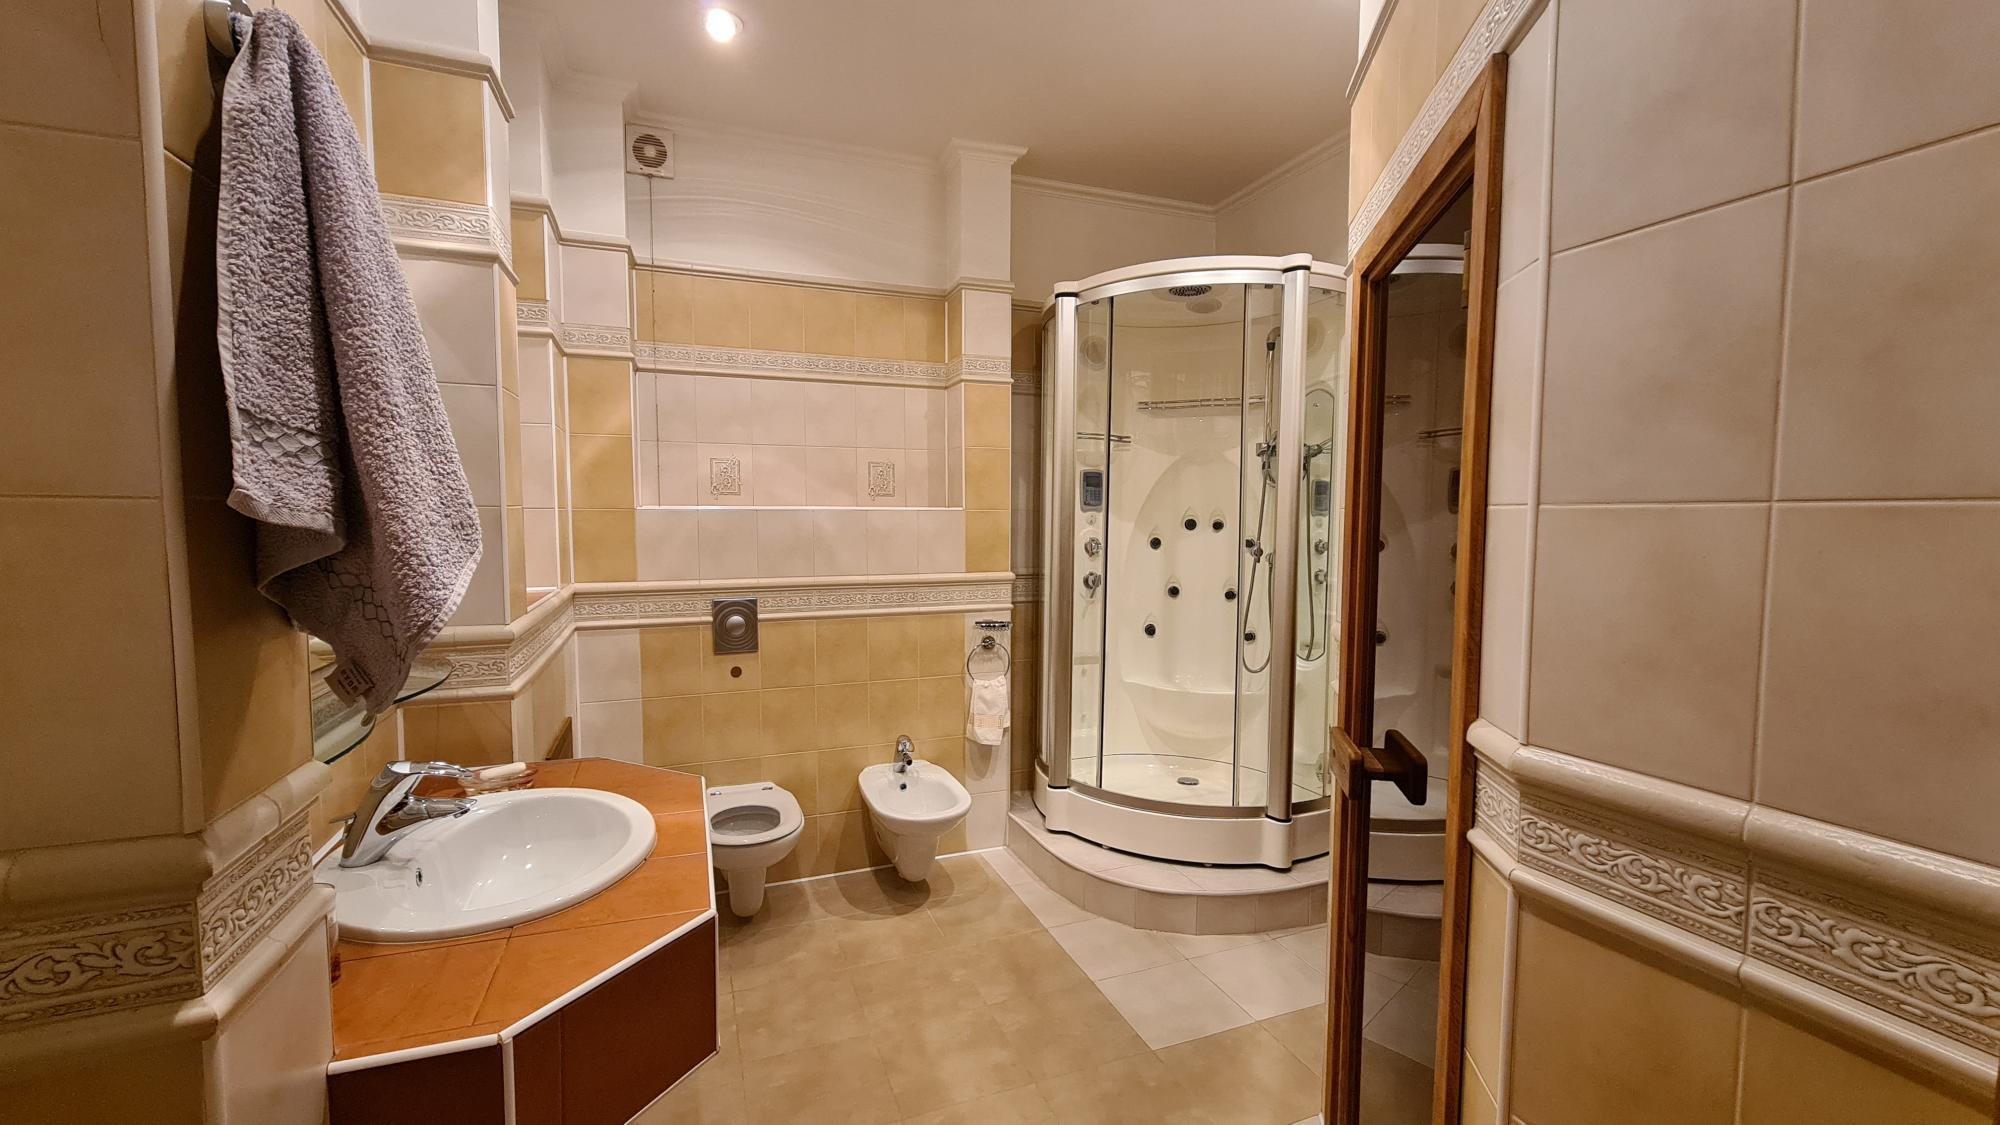 4к квартира улица Елены Стасовой, 25Г | 70000 | аренда в Красноярске фото 15